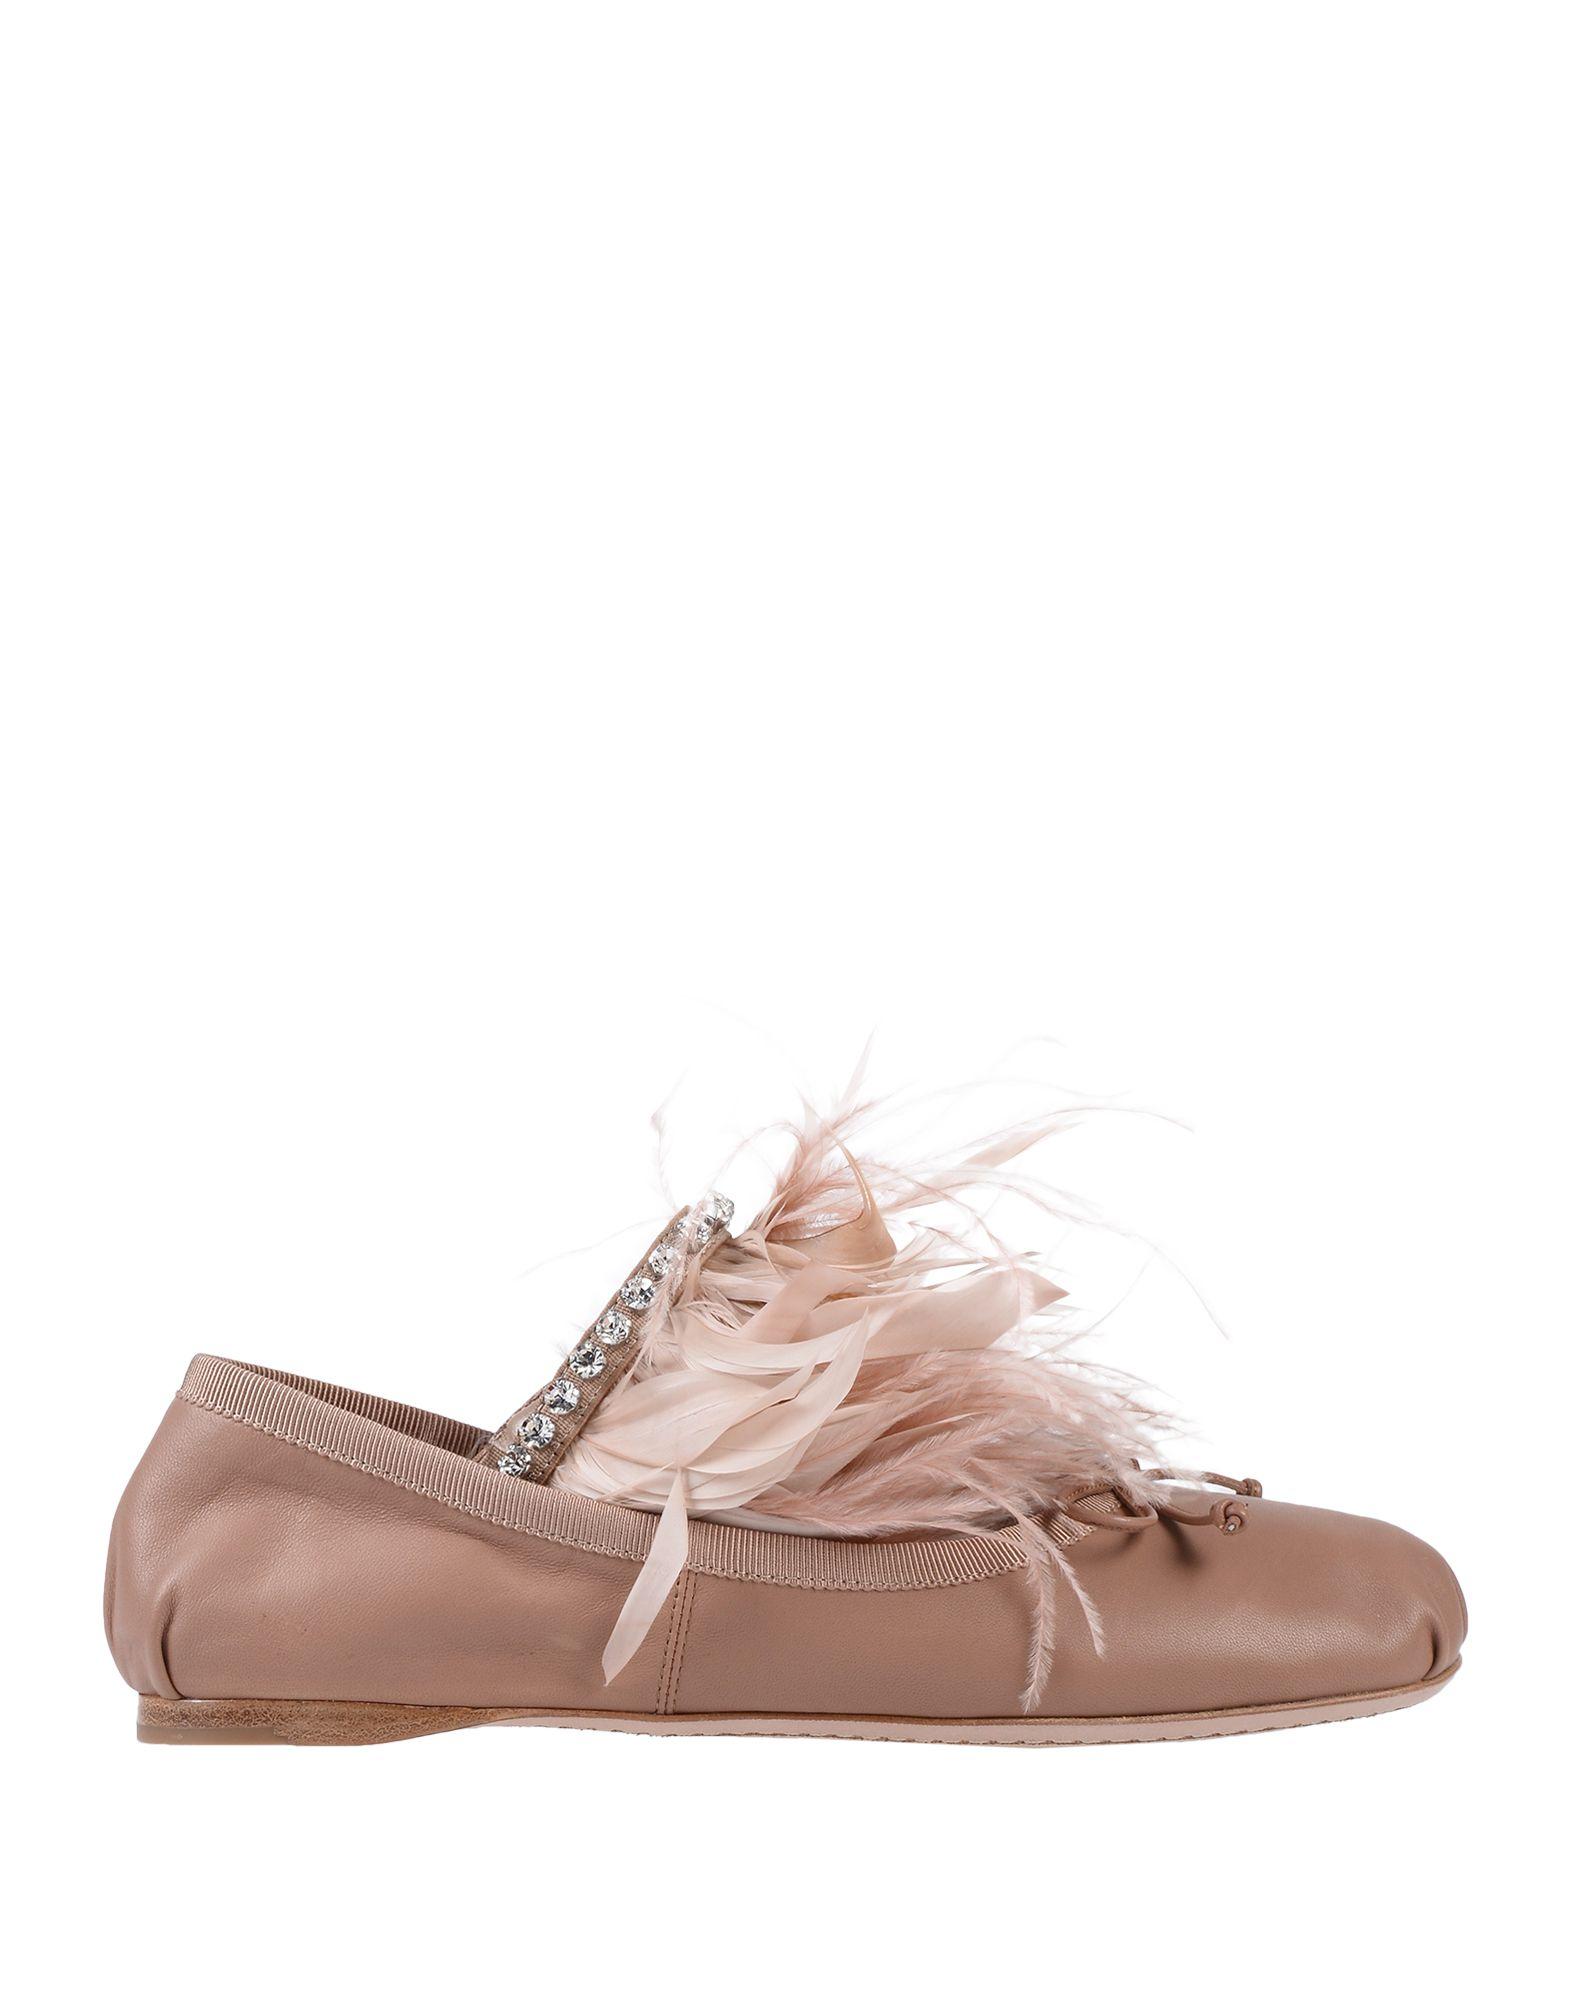 MIU MIU Балетки miu miu кожаные балетки